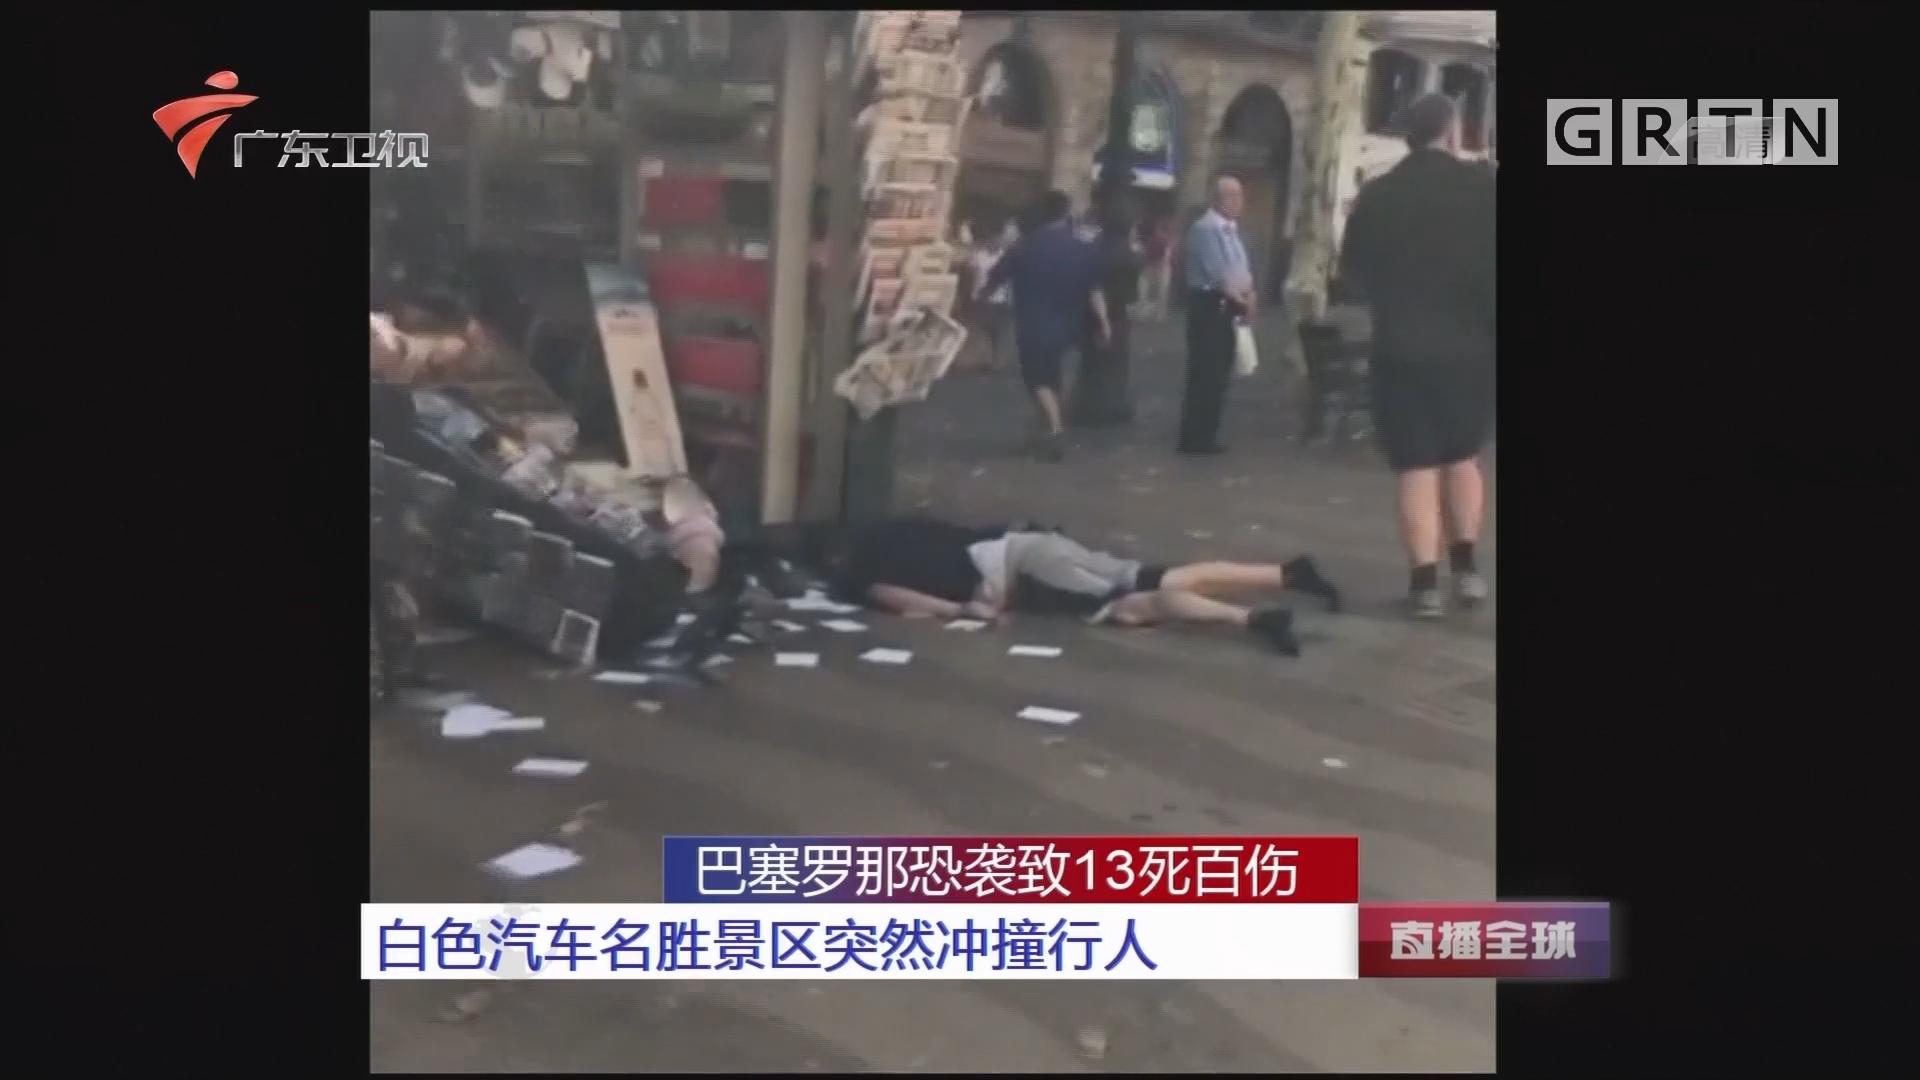 巴塞罗那恐袭致13死百伤 白色汽车名胜景区突然冲撞行人